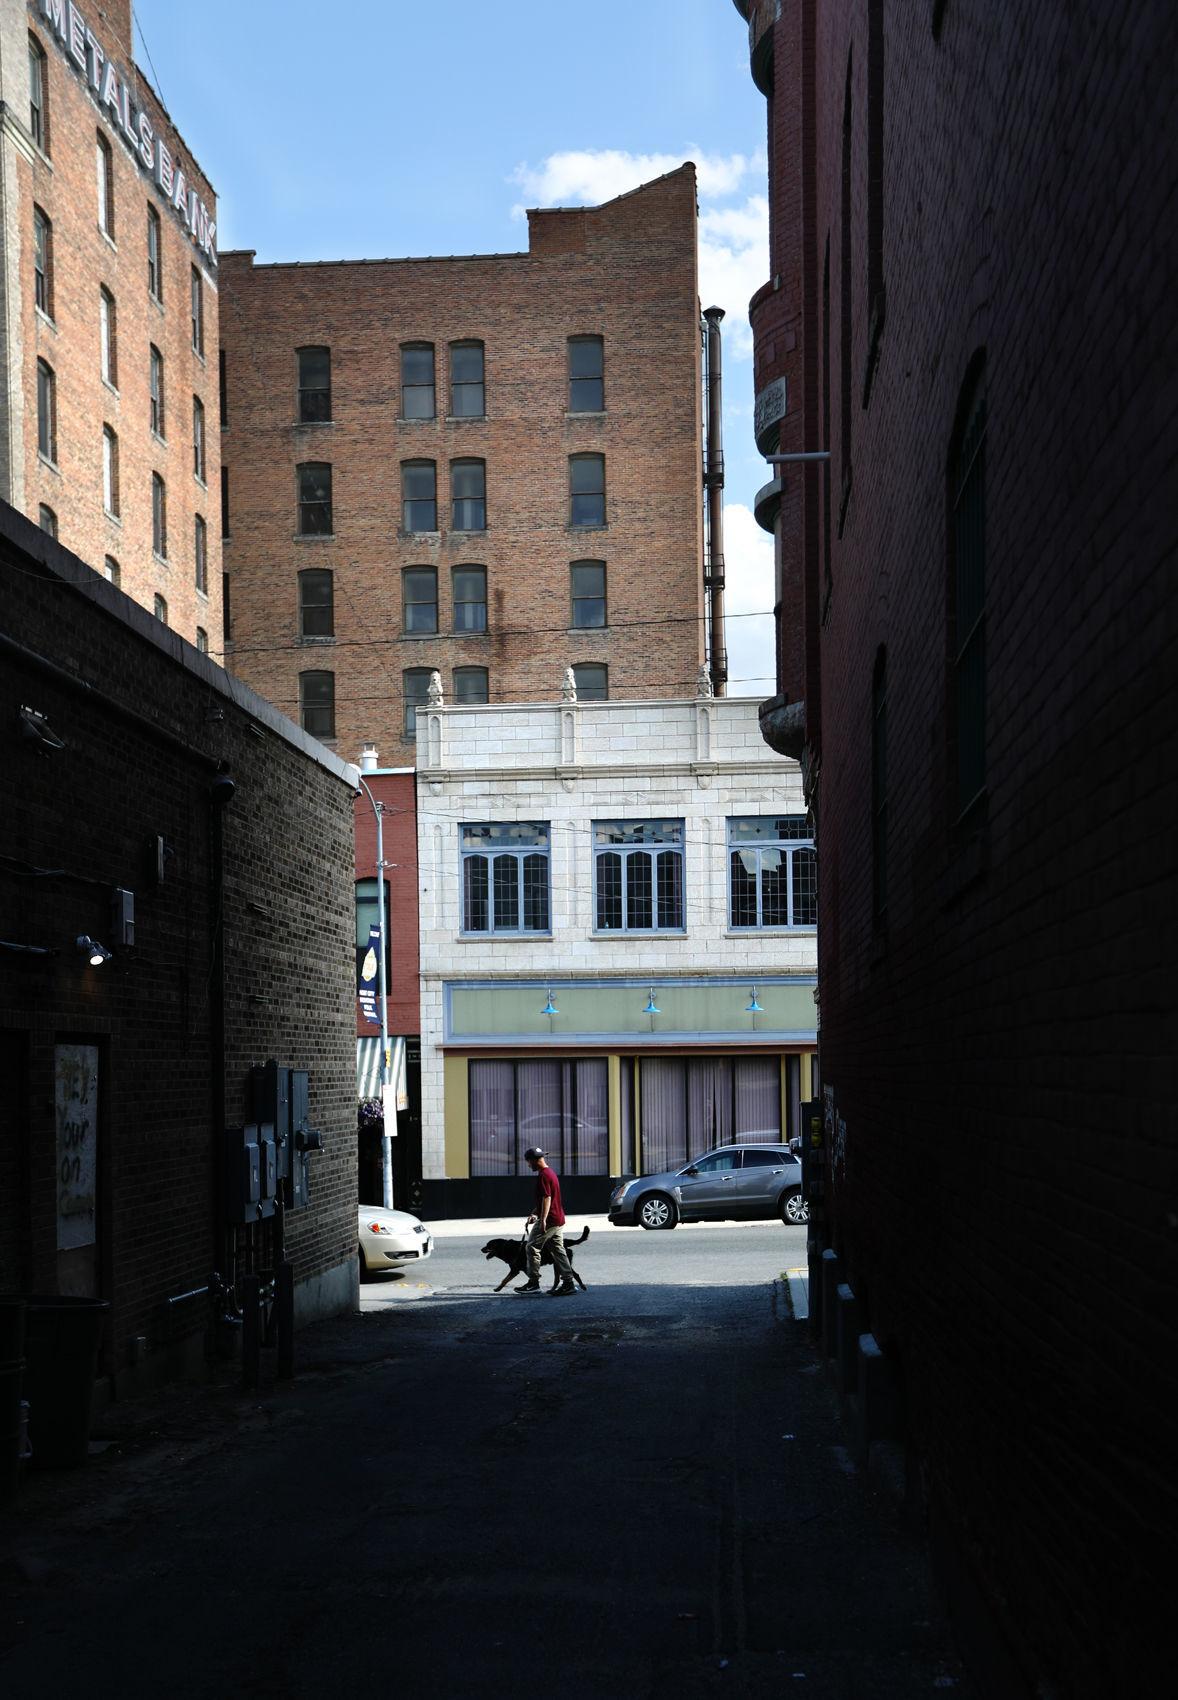 Uptown Butte alley